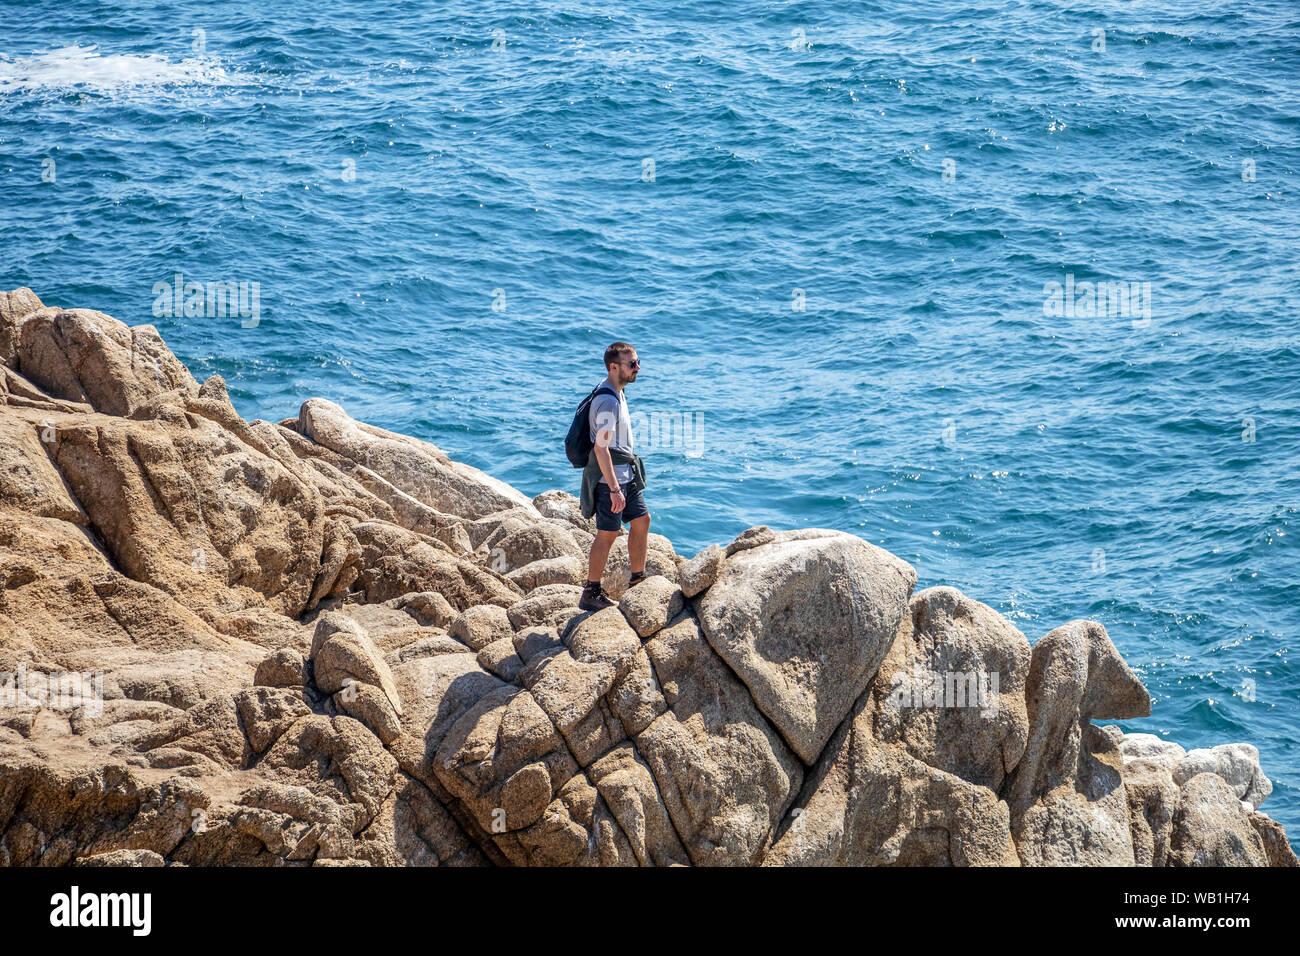 Joven valiente caminante de pie en la rocosa costa del Océano Pacífico Foto de stock